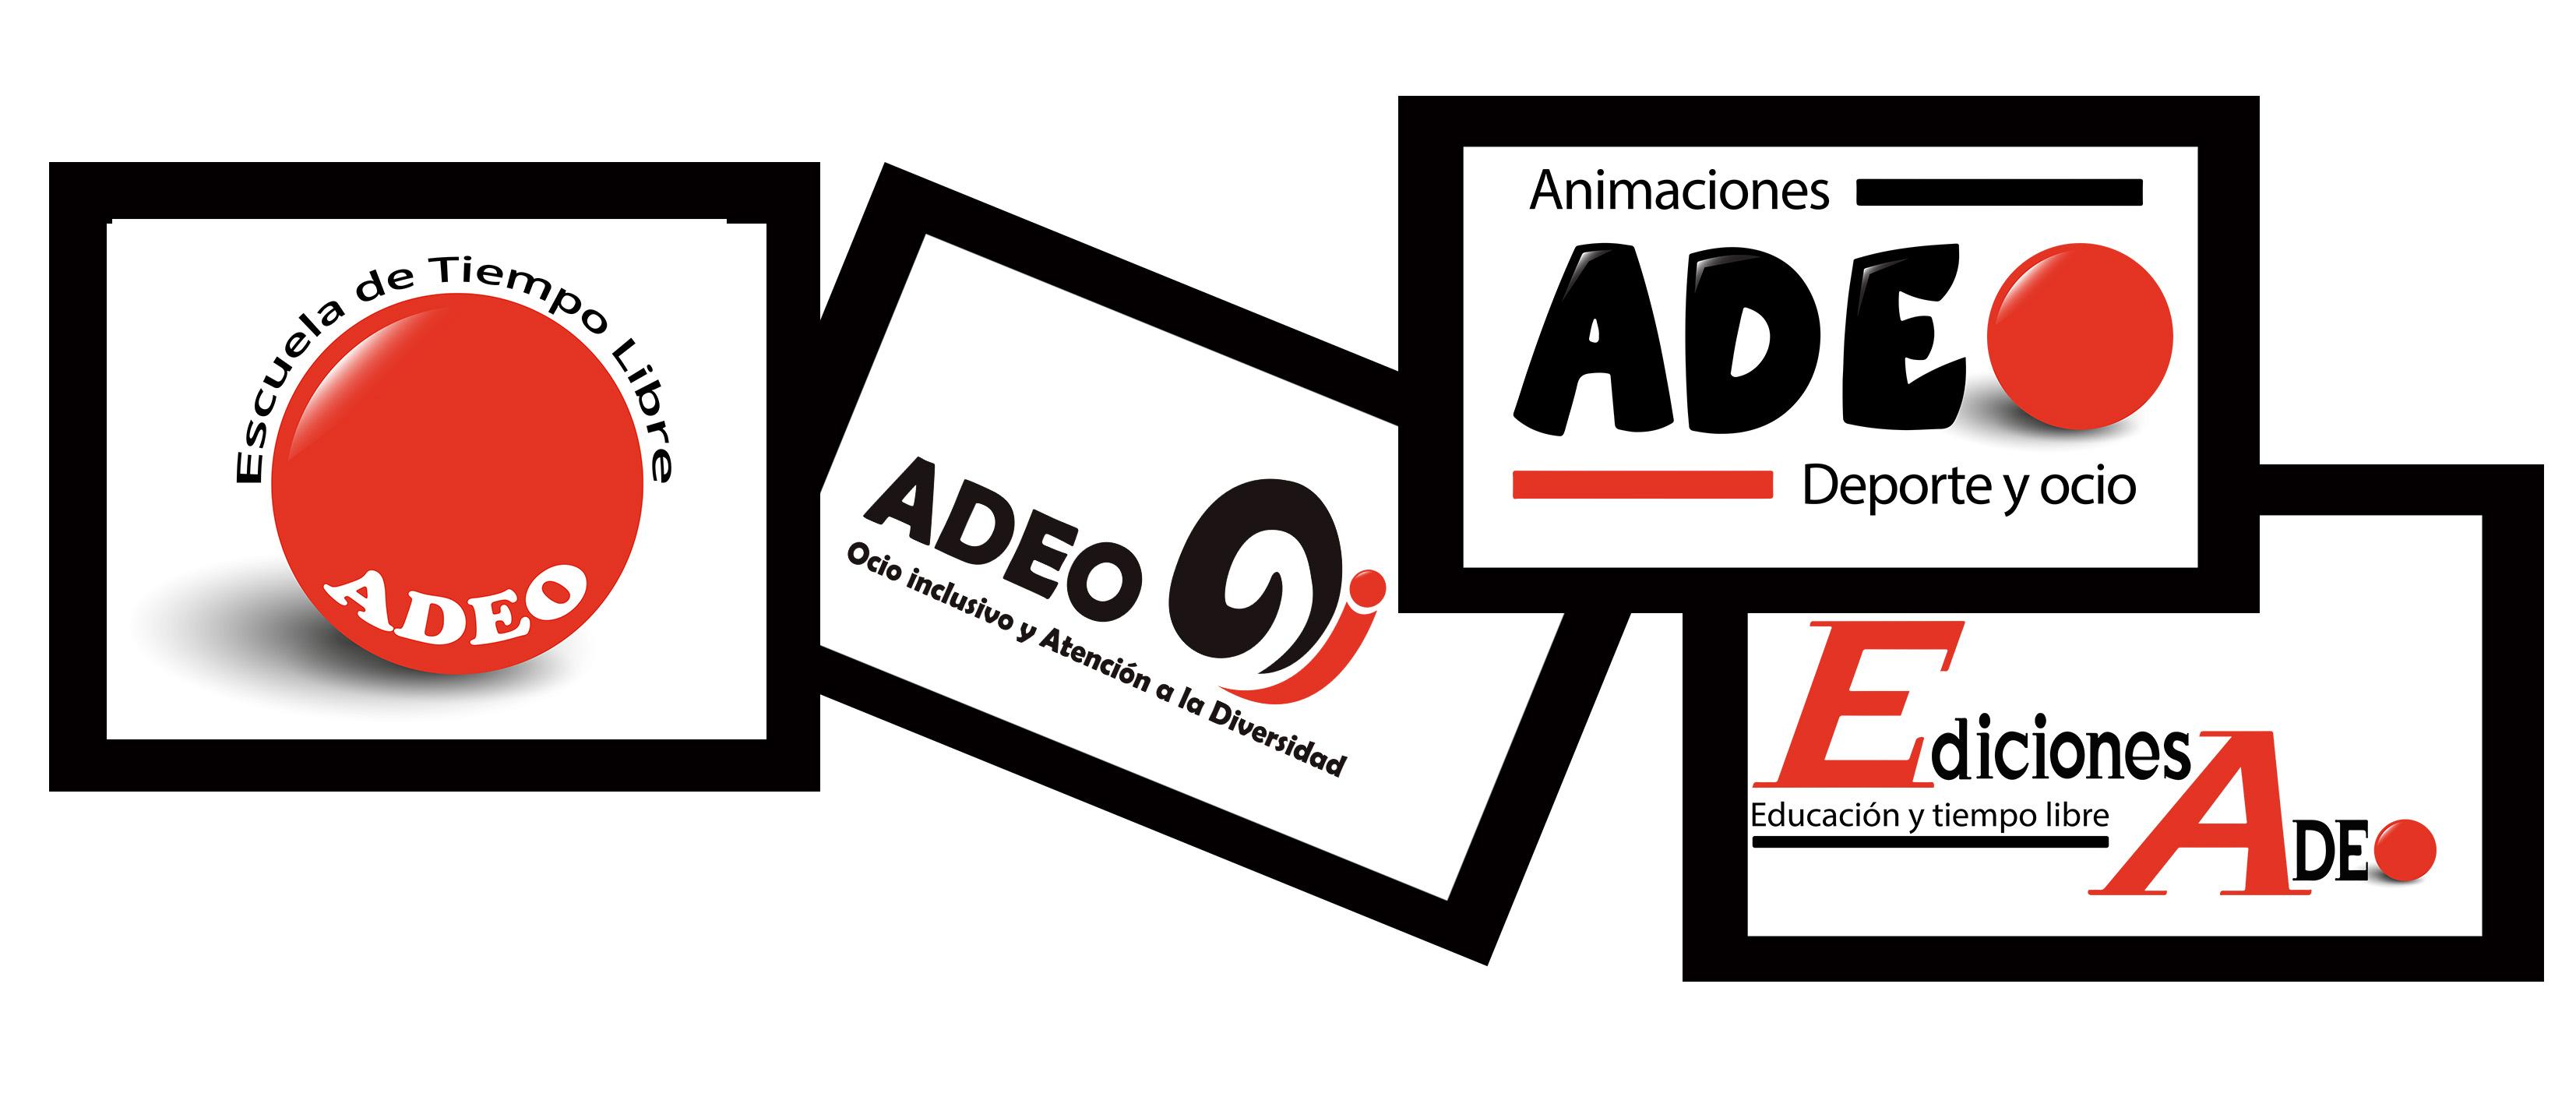 ADEO, Proyectos Educativos y Gestión de Ocio